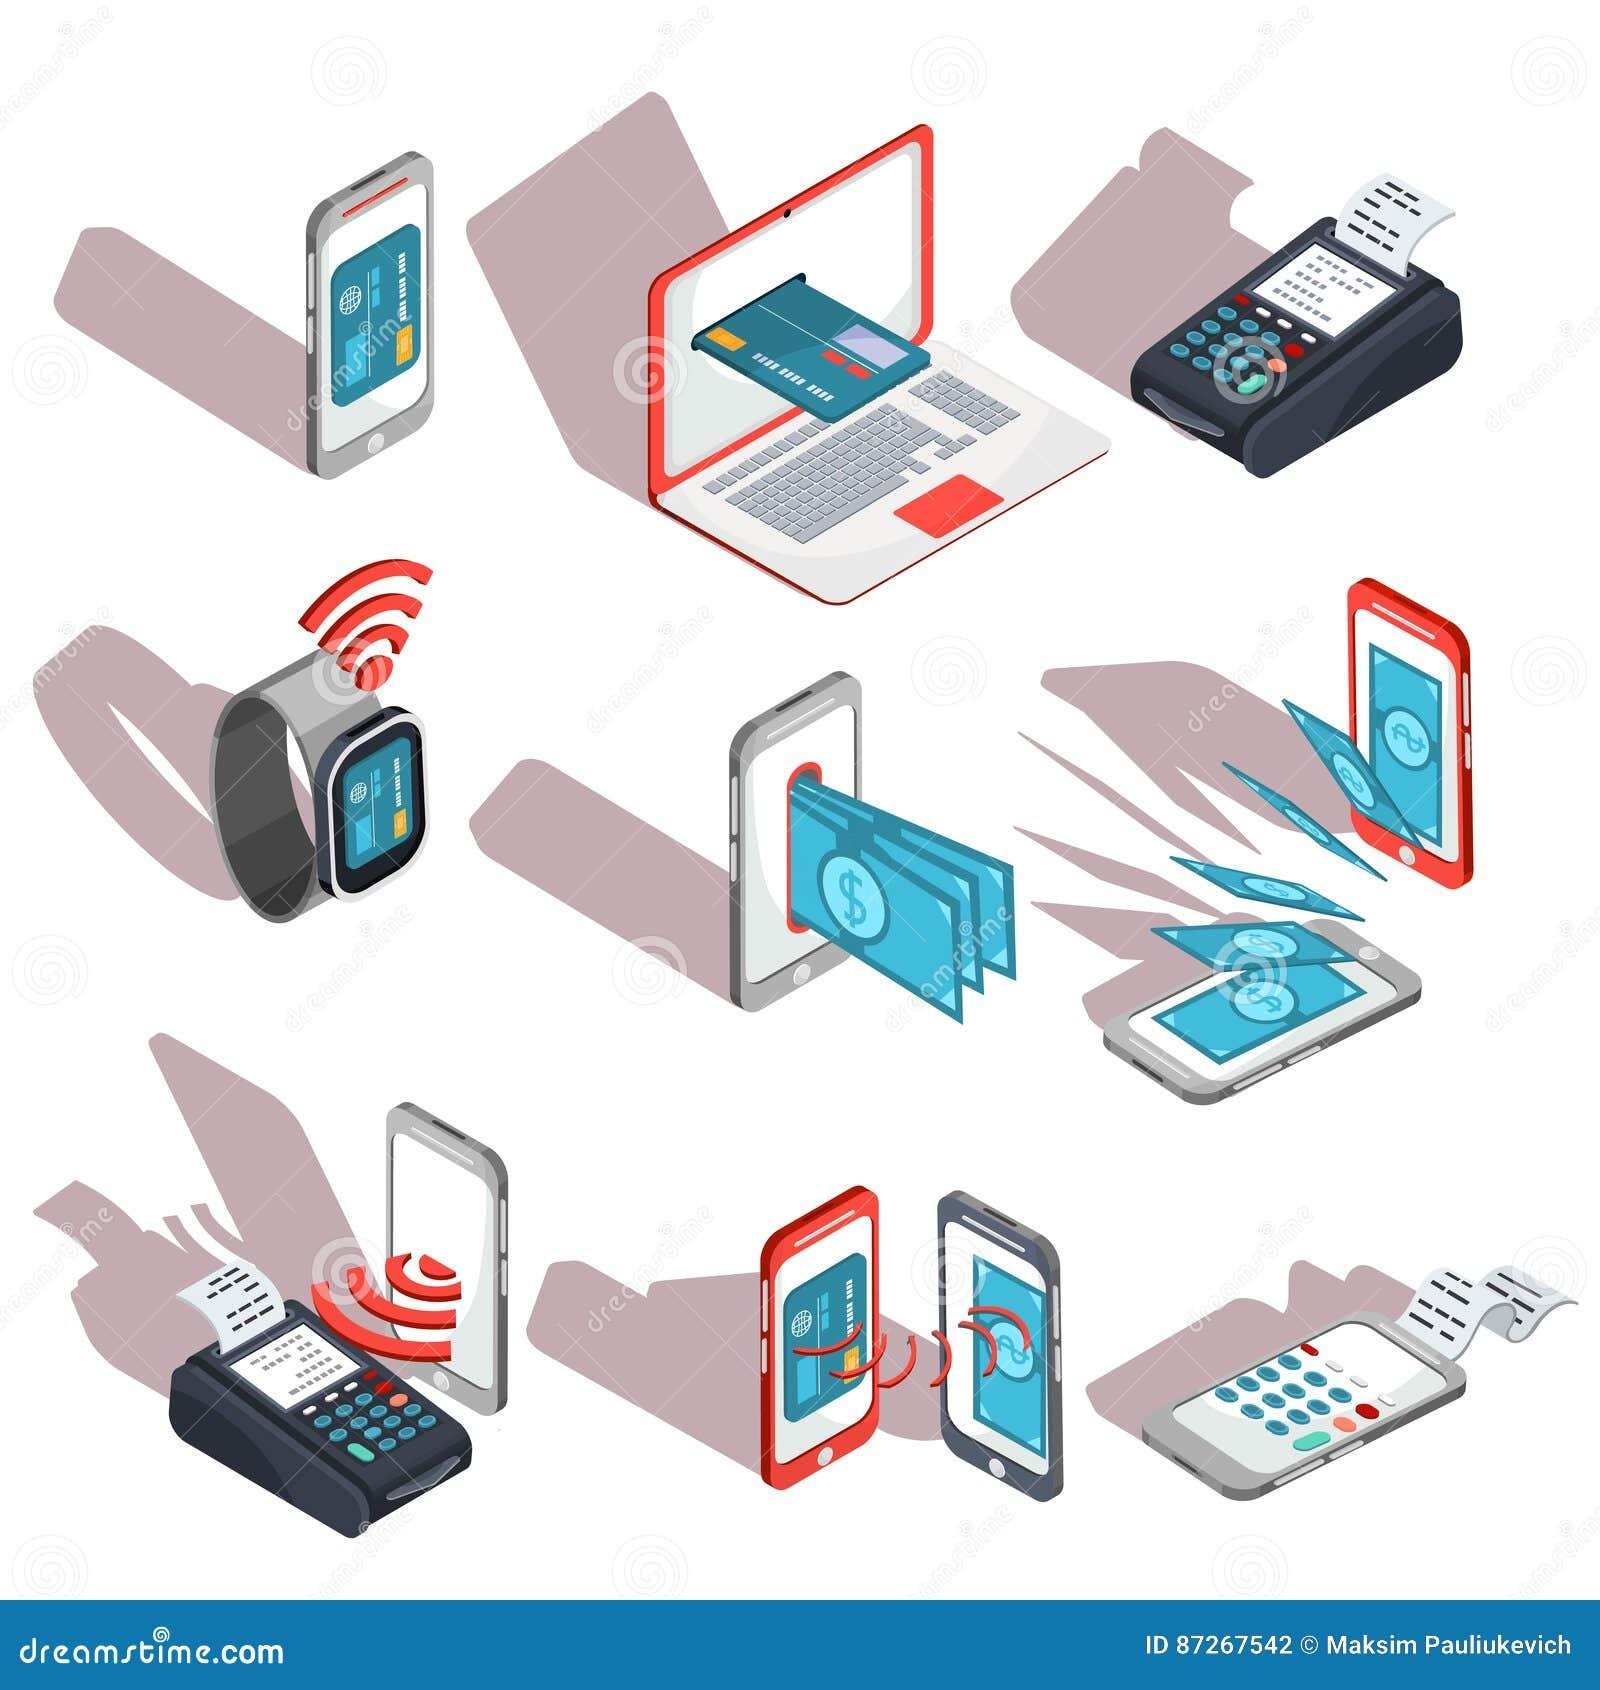 Iconos isométricos de los teléfonos móviles, ordenador portátil, relojes que muestran la facilidad y la conveniencia de pagos en